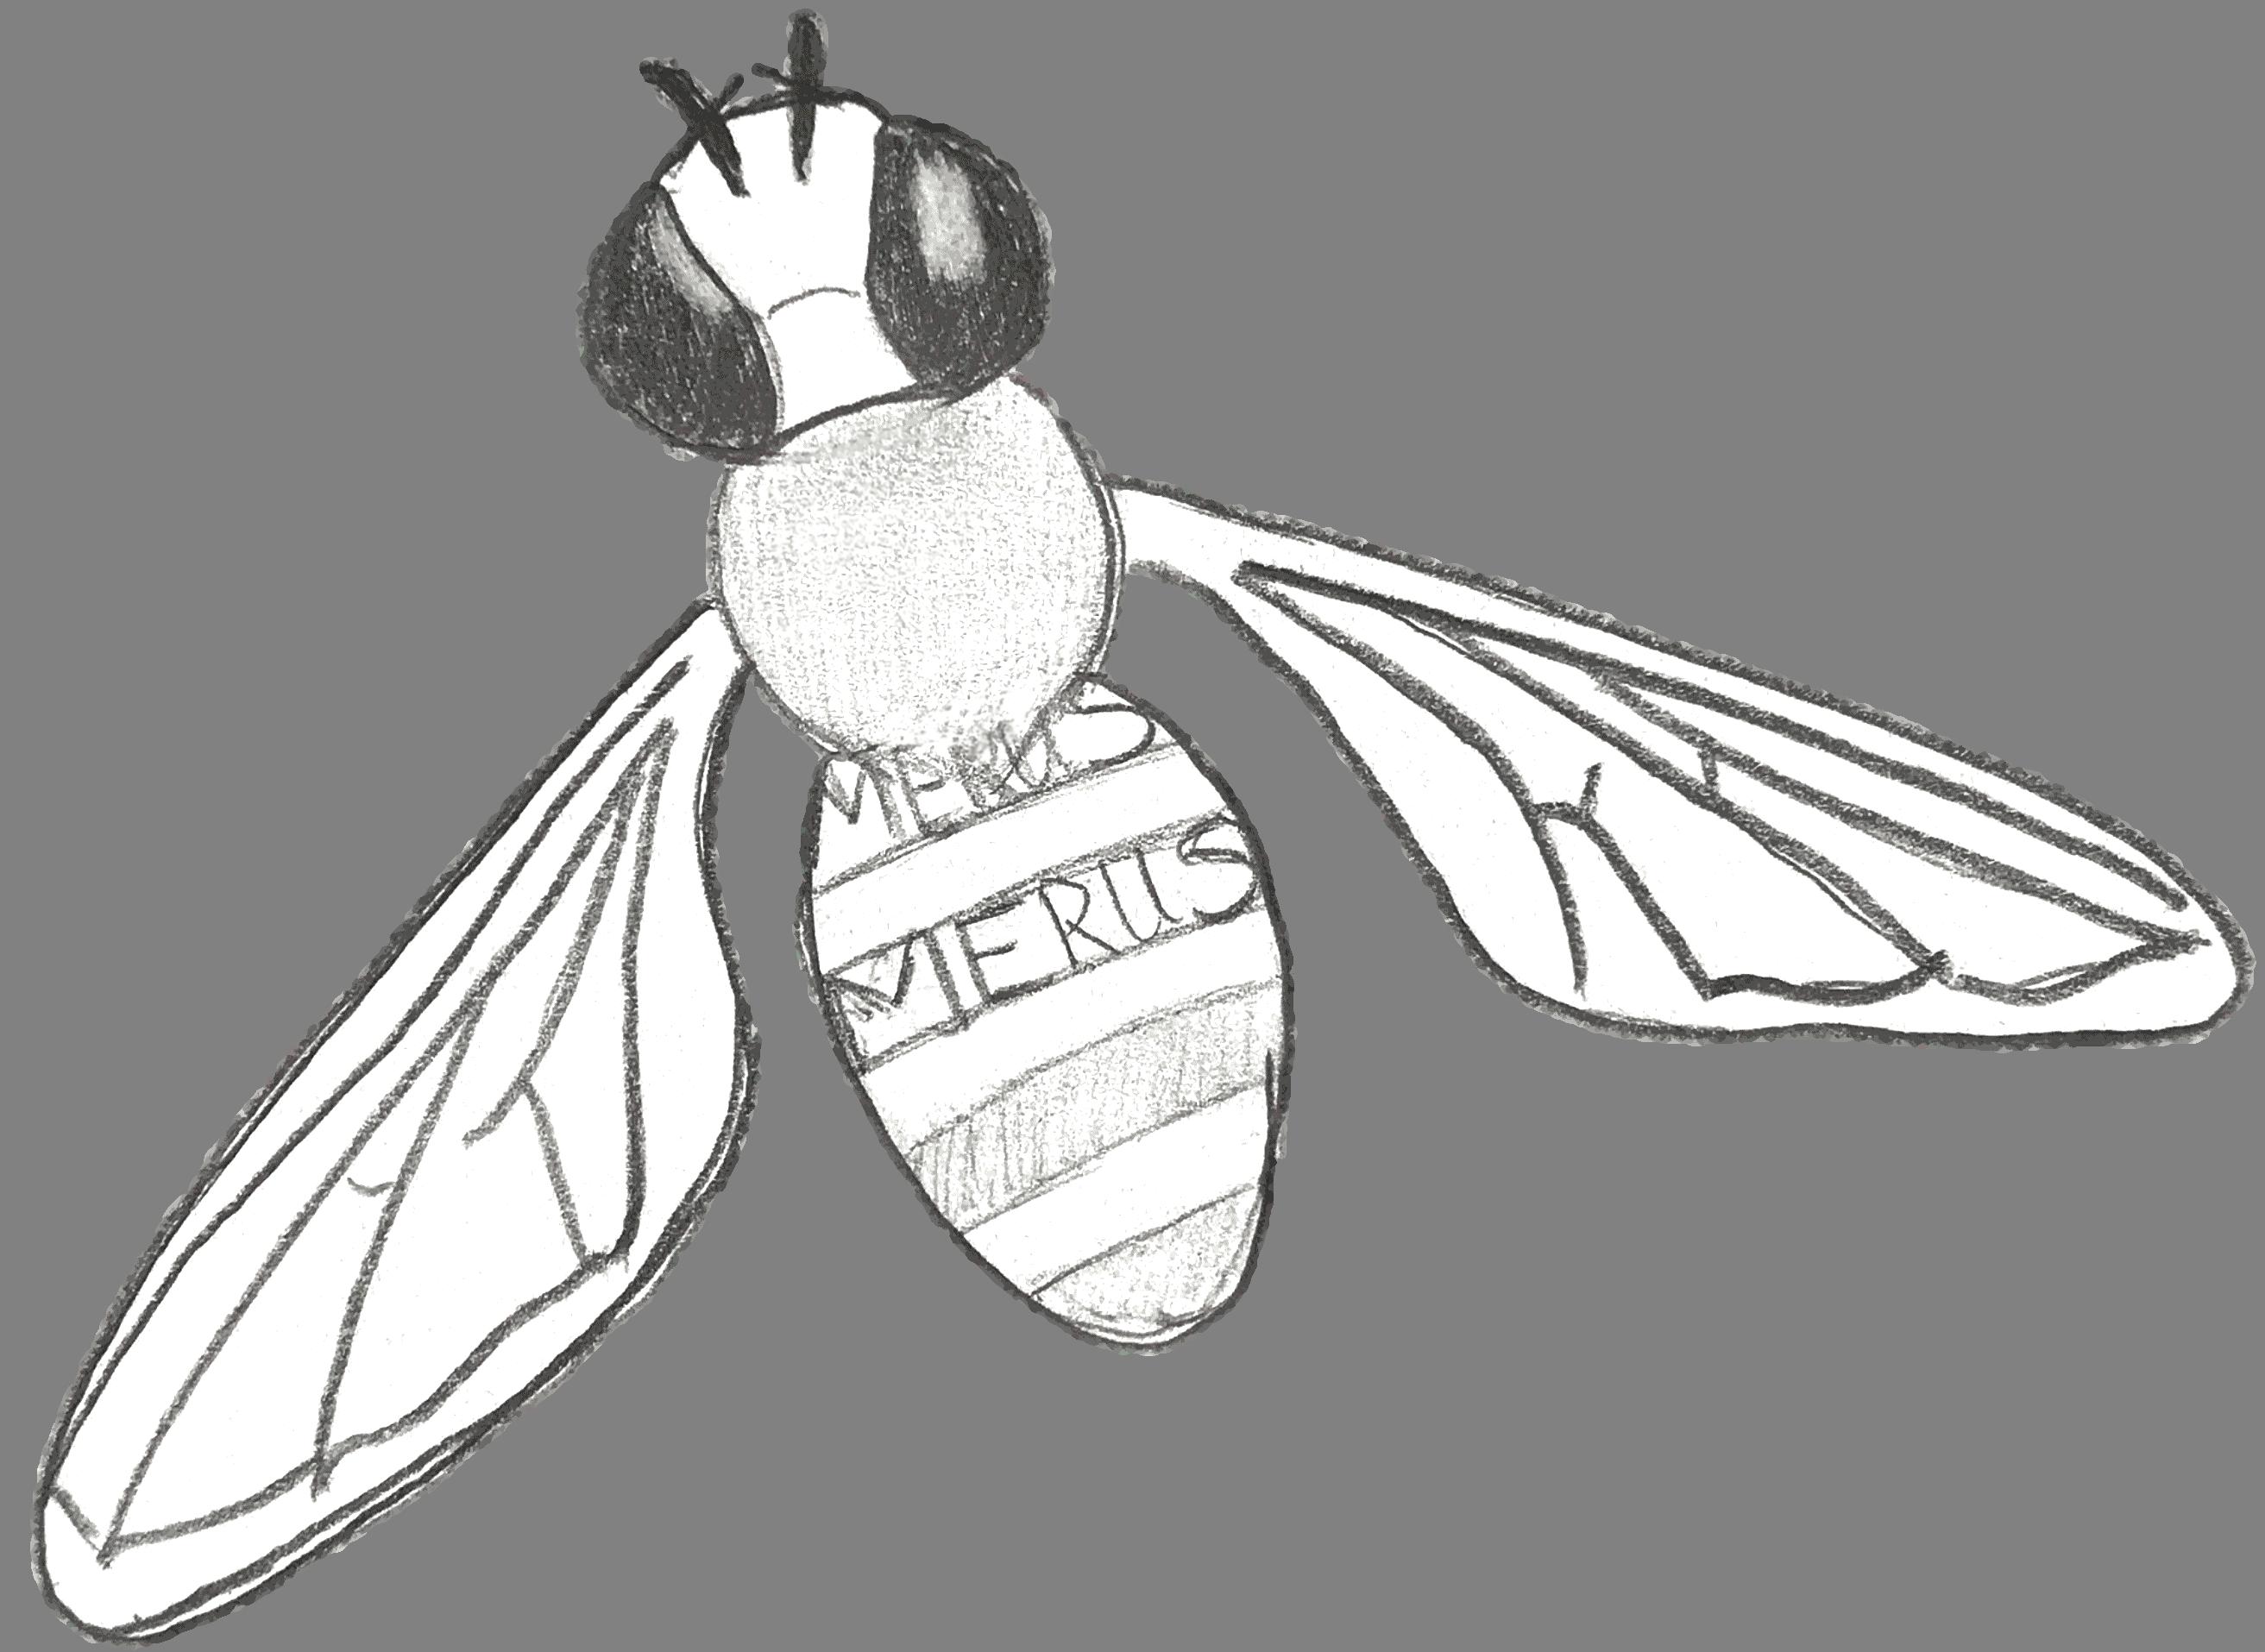 Merus saving Bees